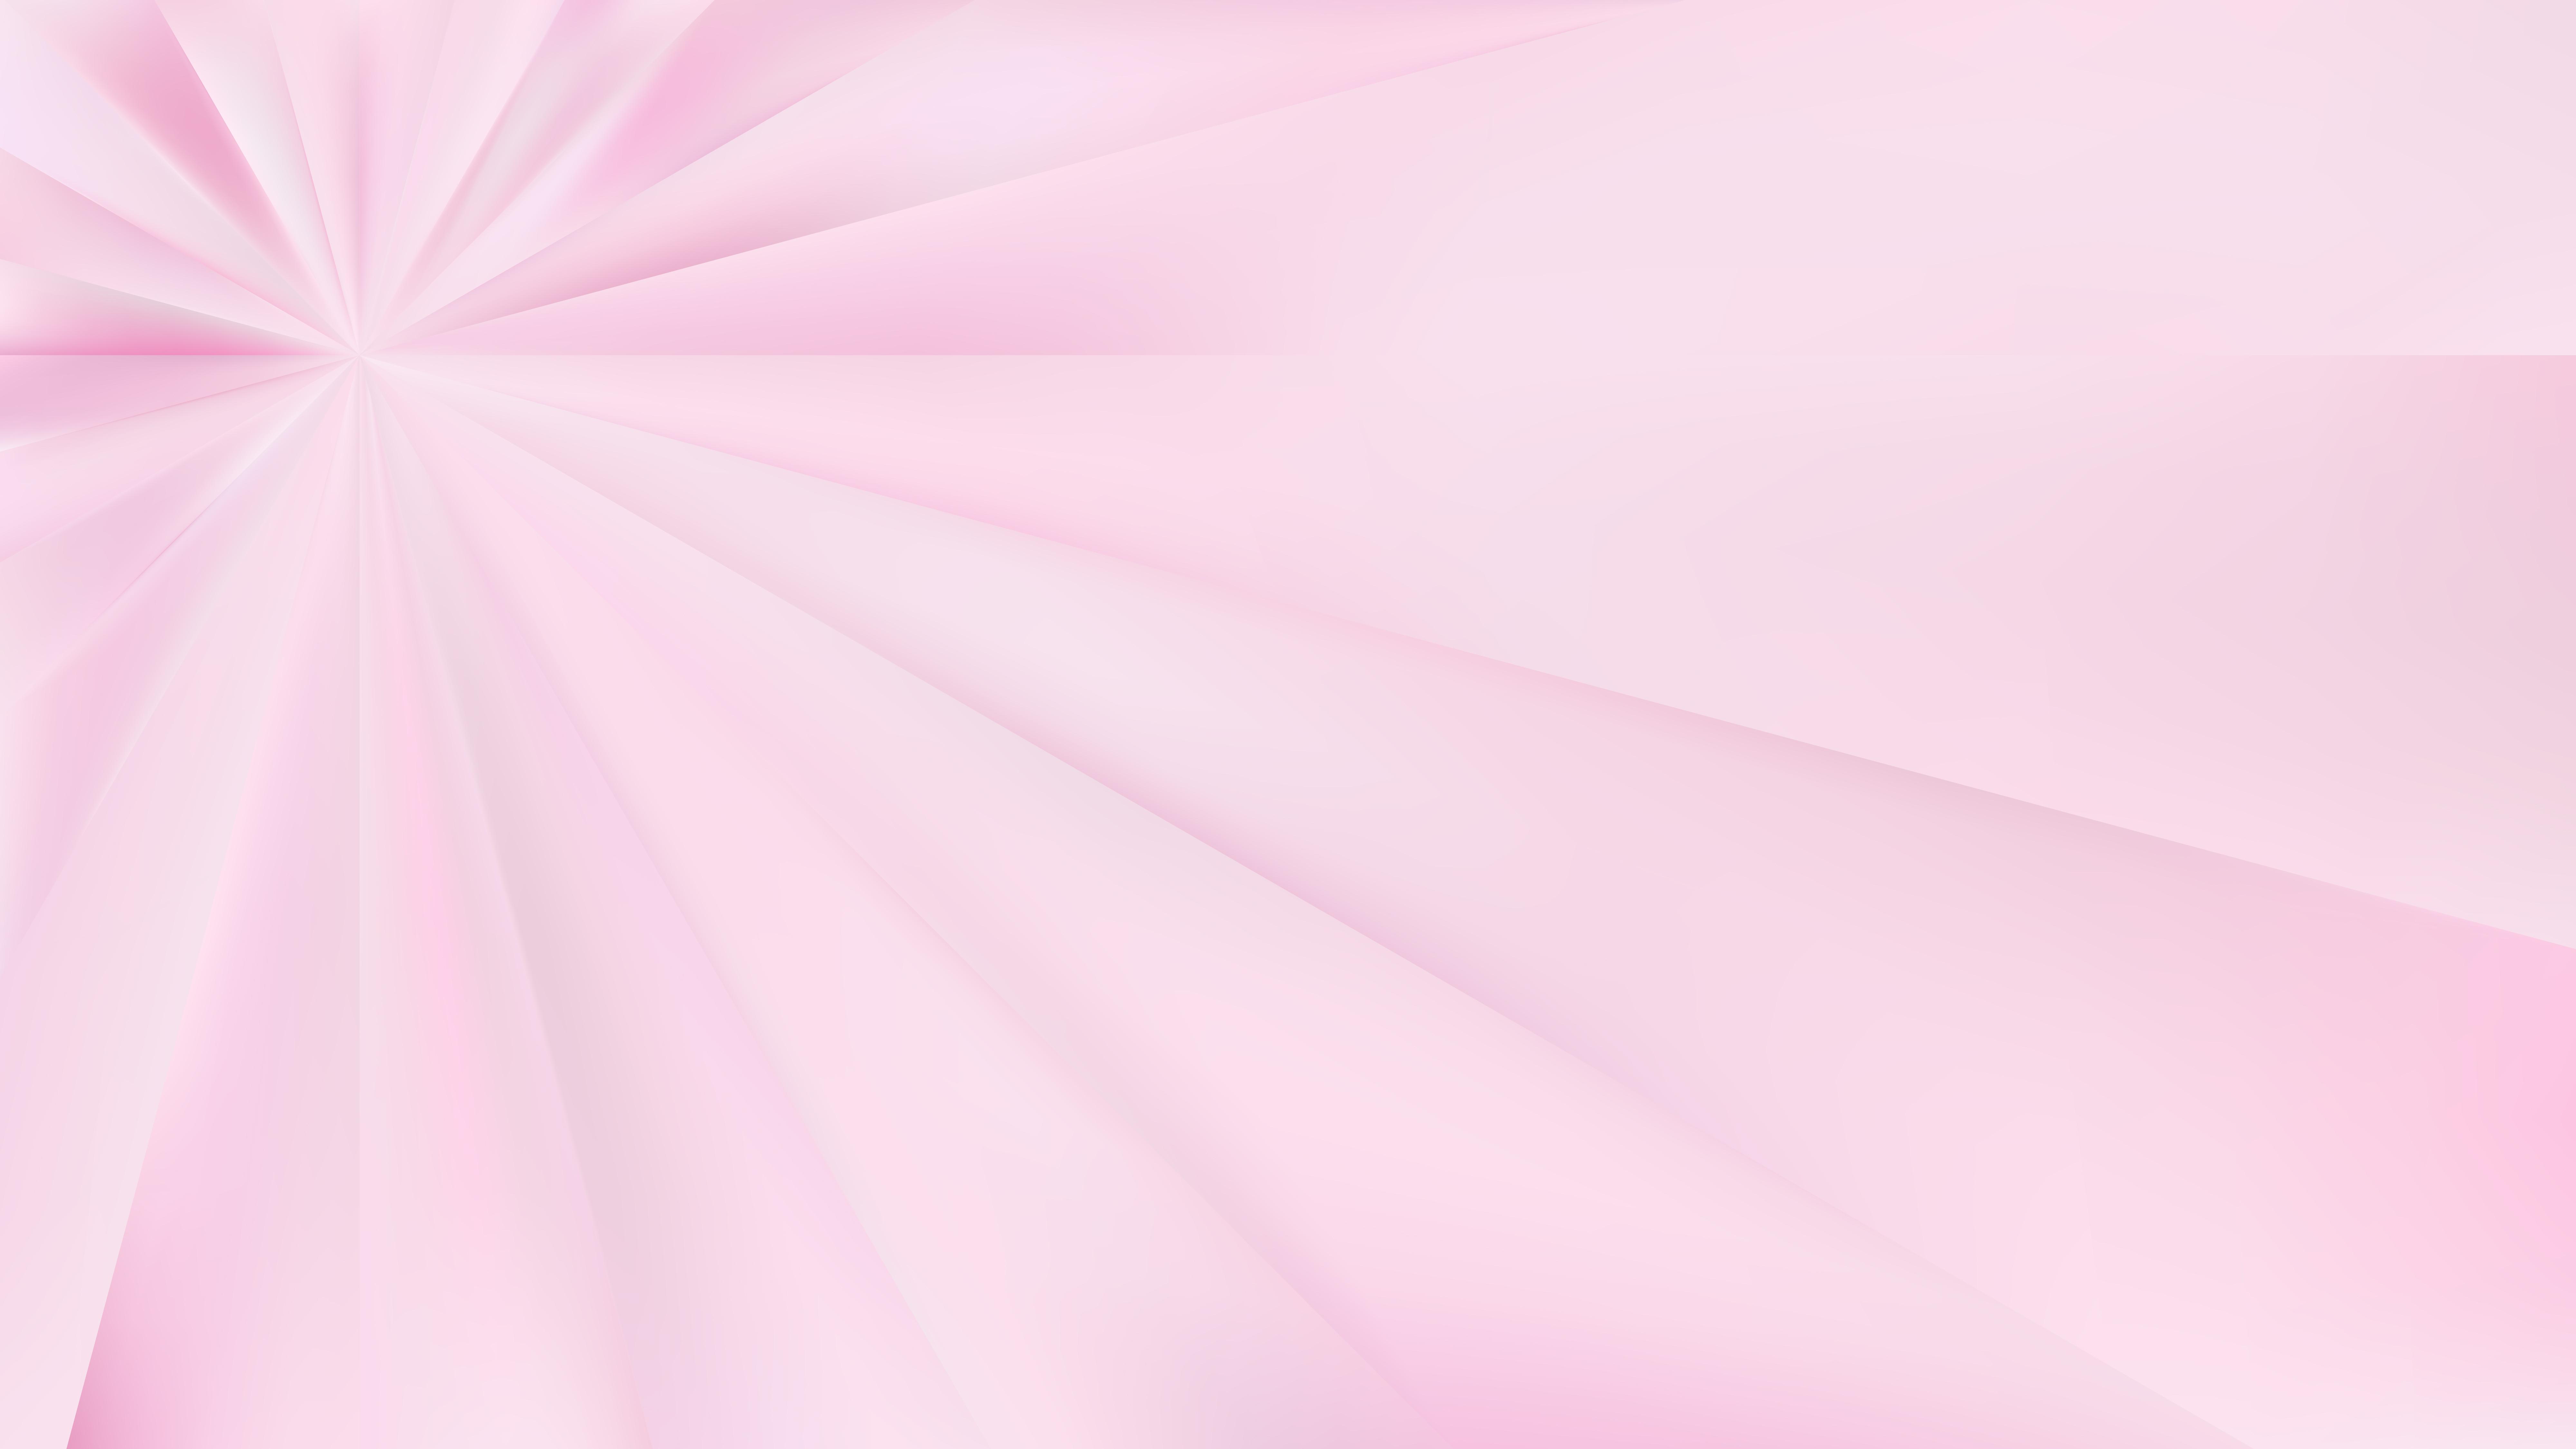 Free Pastel Pink Background